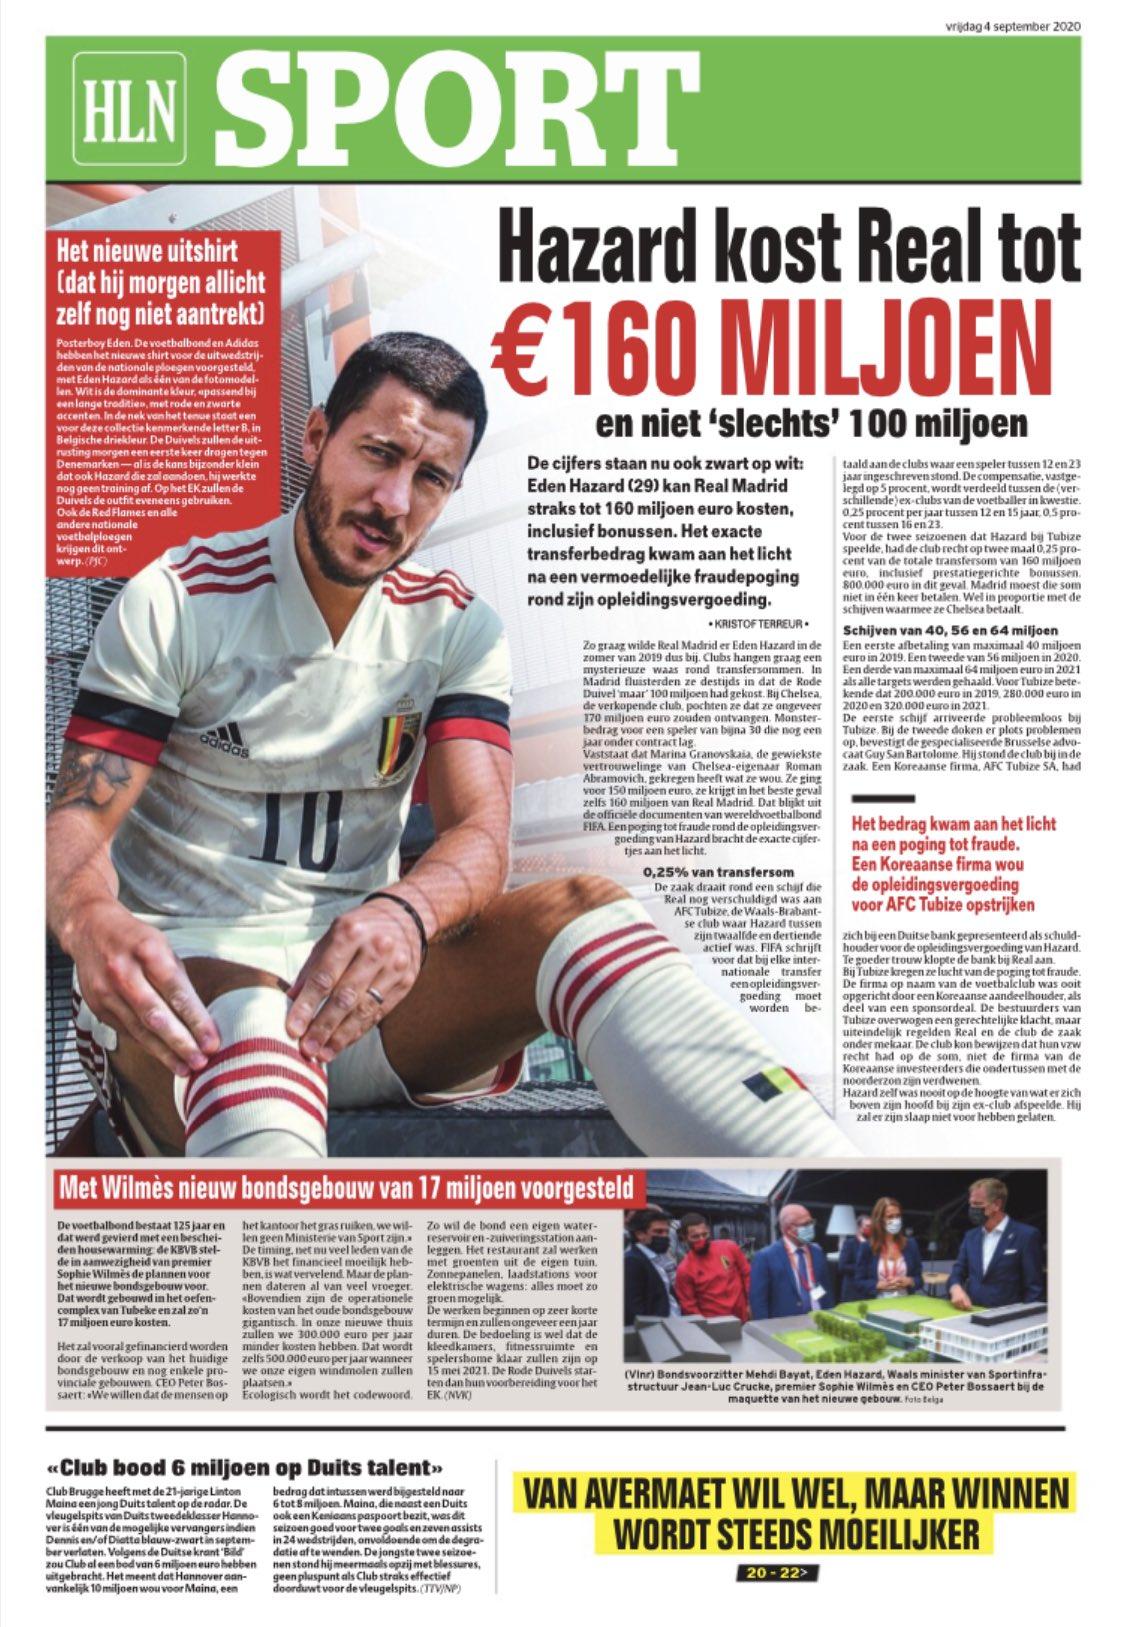 比利时媒体:阿扎尔转会皇马的总金额可能为1.6亿欧元